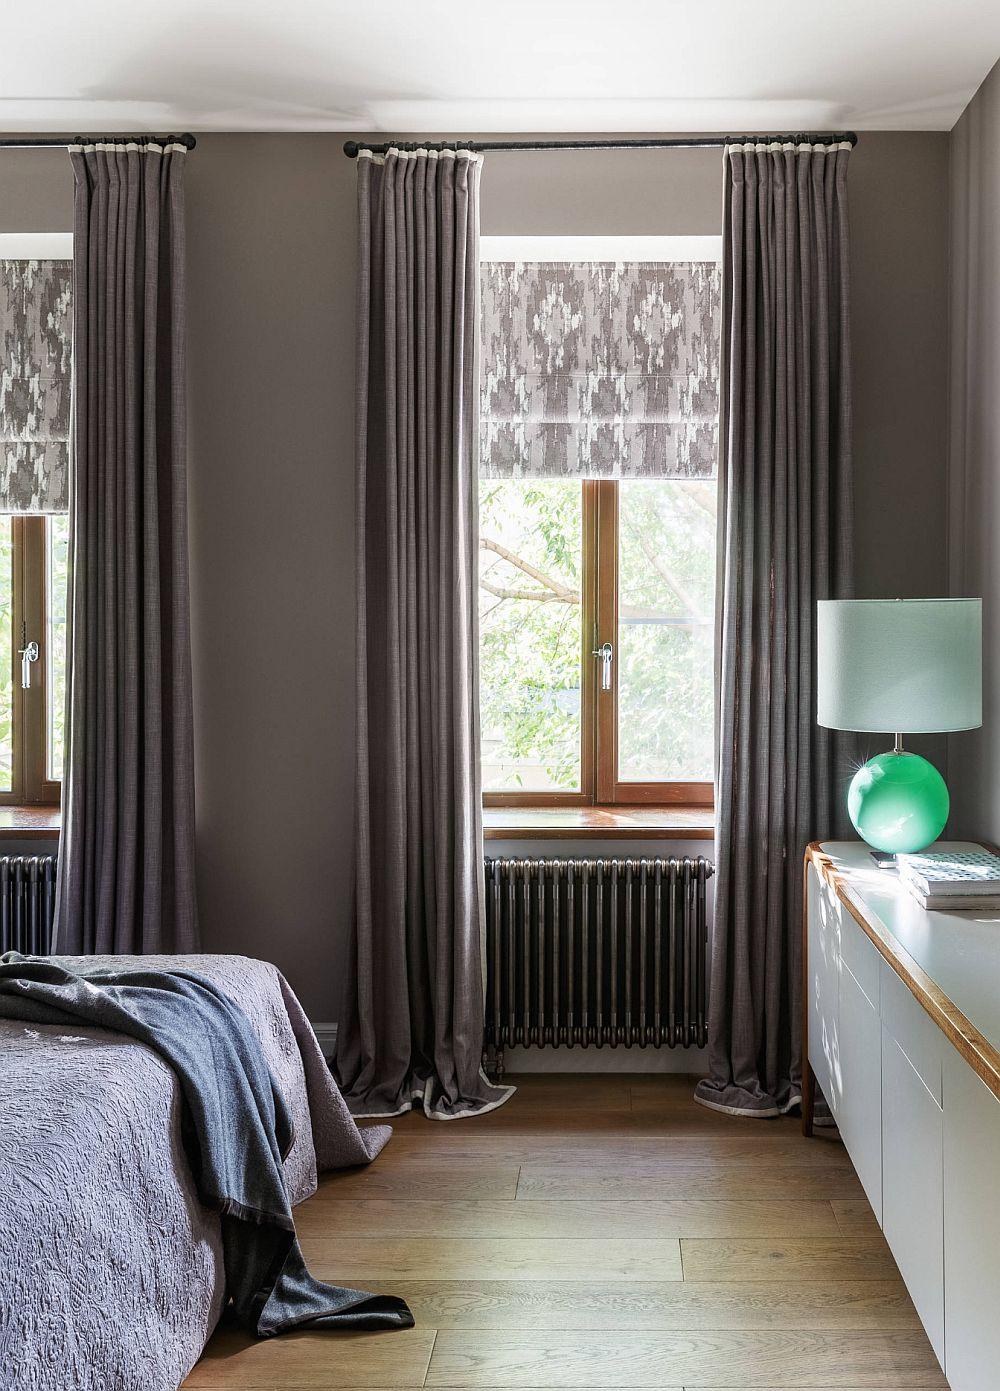 La intrarea în dormitorul matrimonial culoarul din fața patului este liber, ca atare comoda cu sertare prezentă aici poate fi ușor accesată.